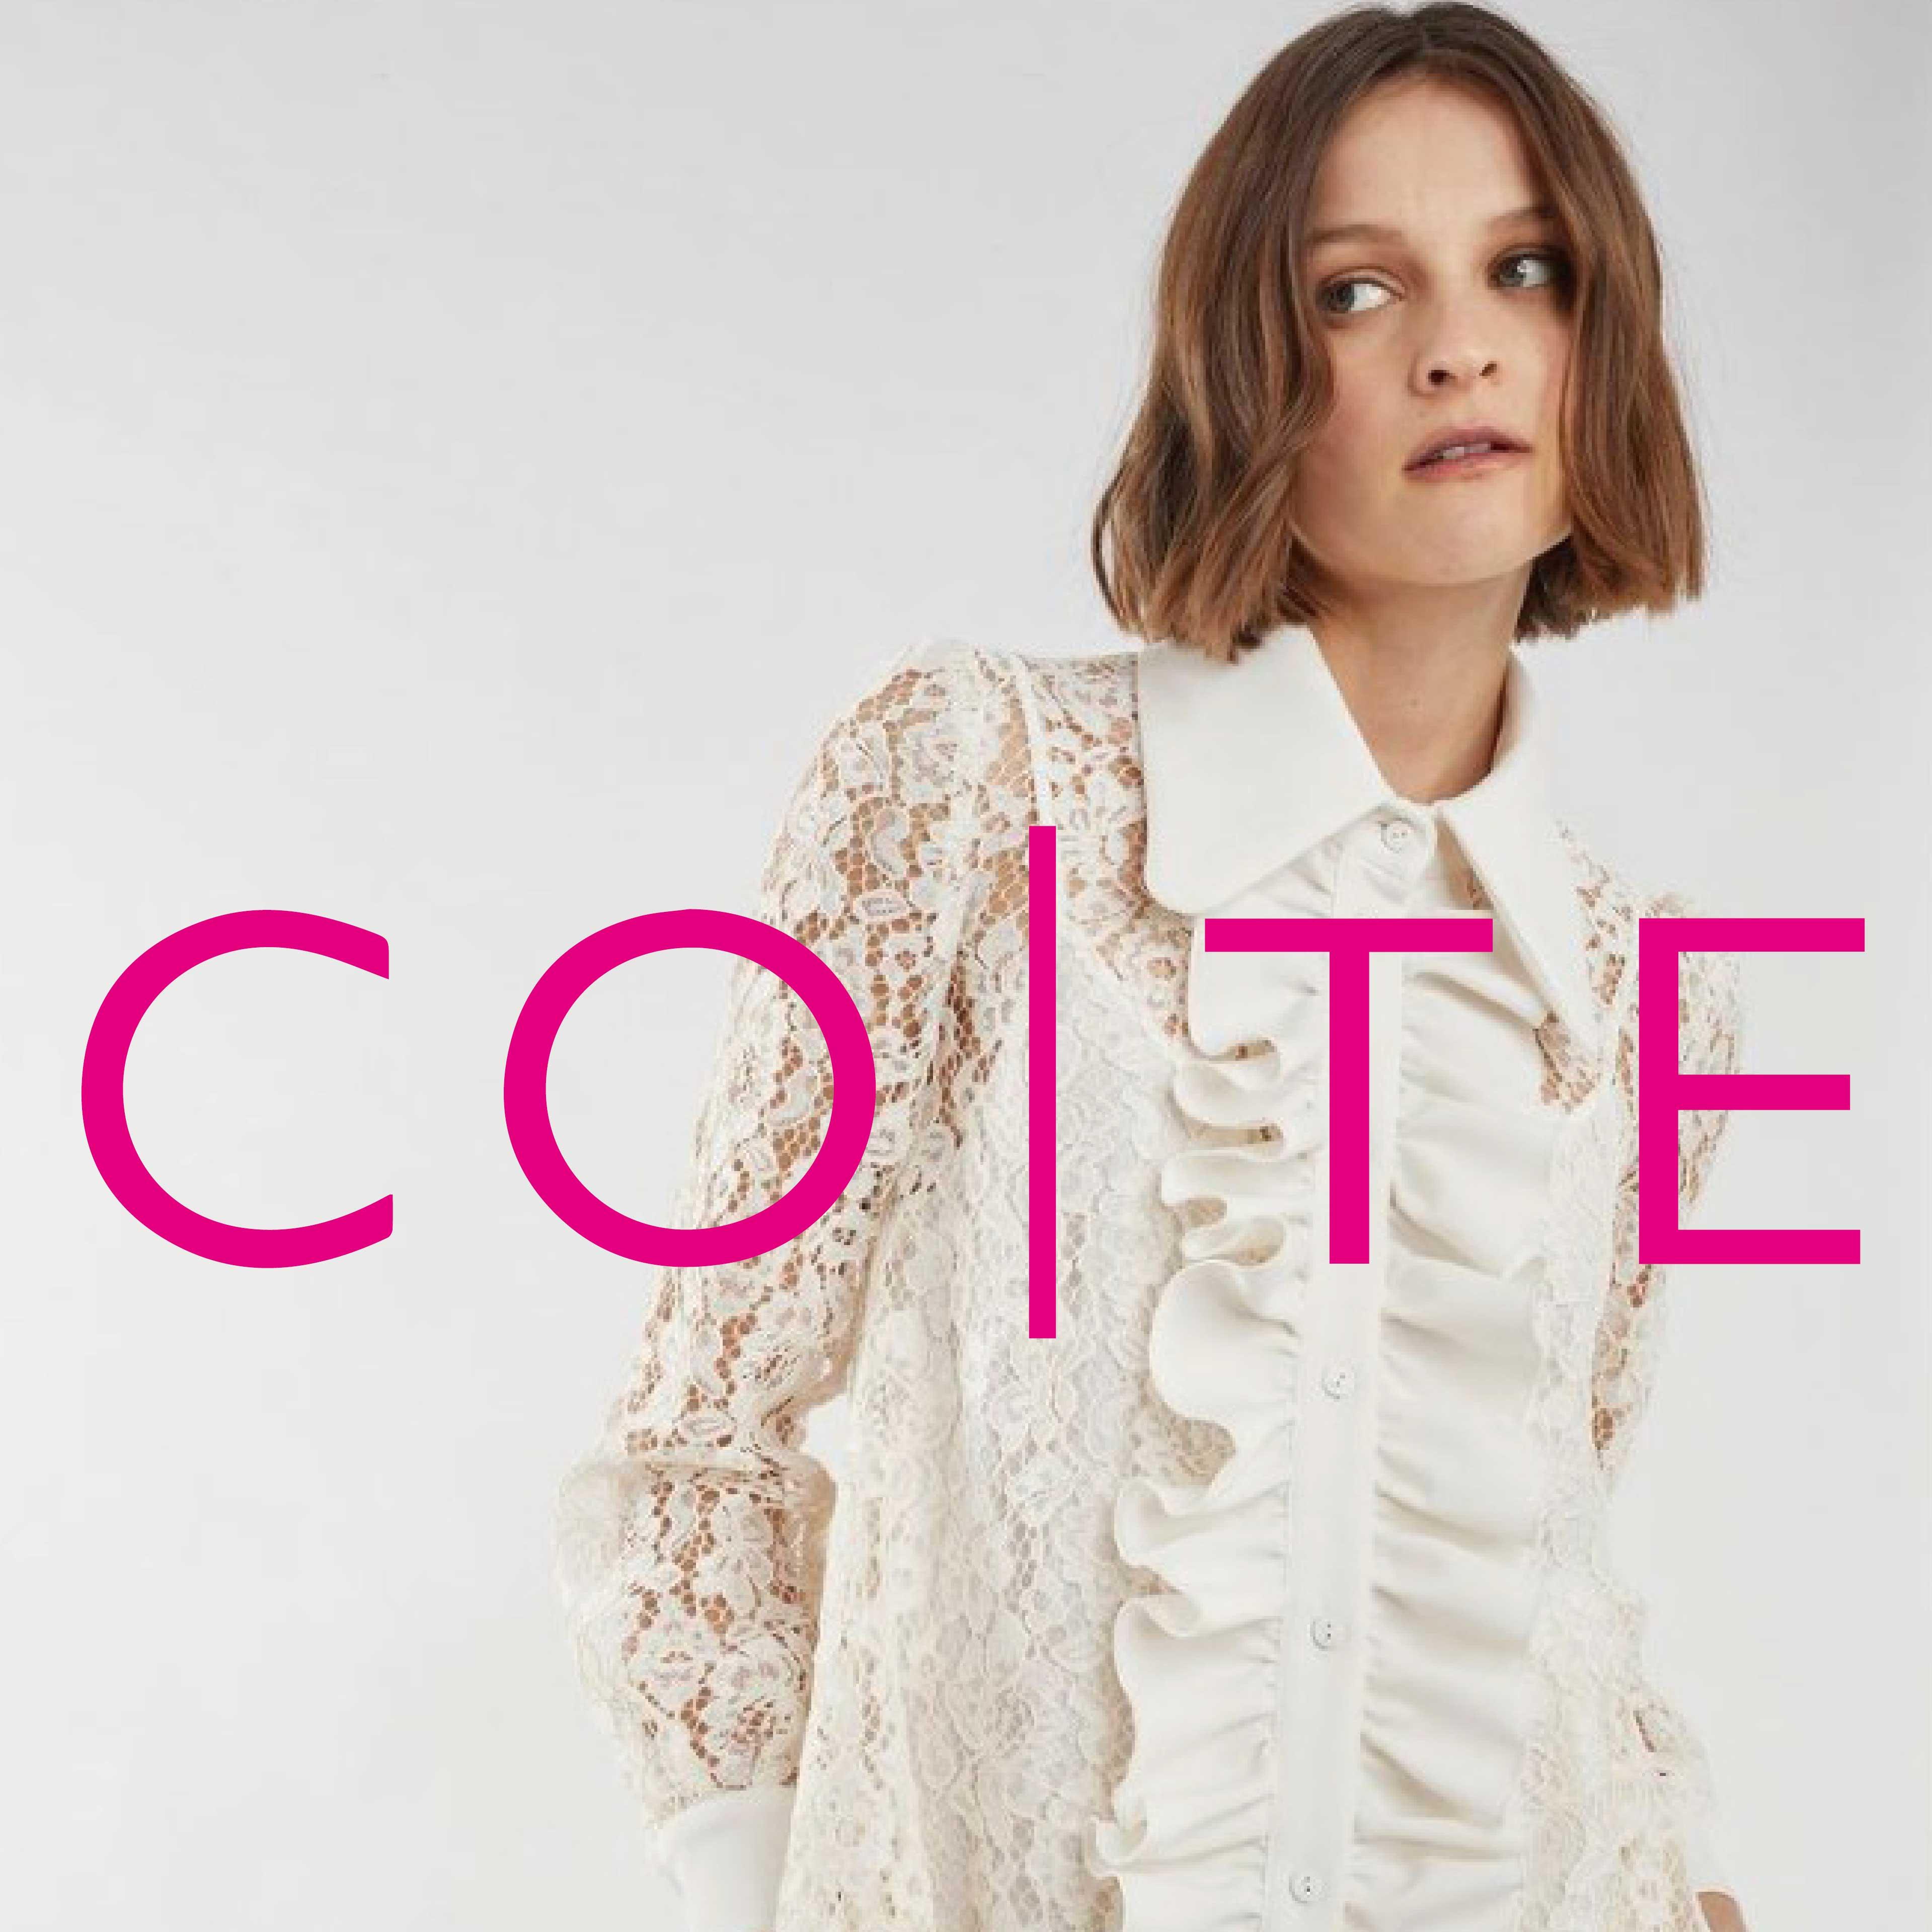 COTE,コート,大阪セレクトショップ,なんばセレクトショップ